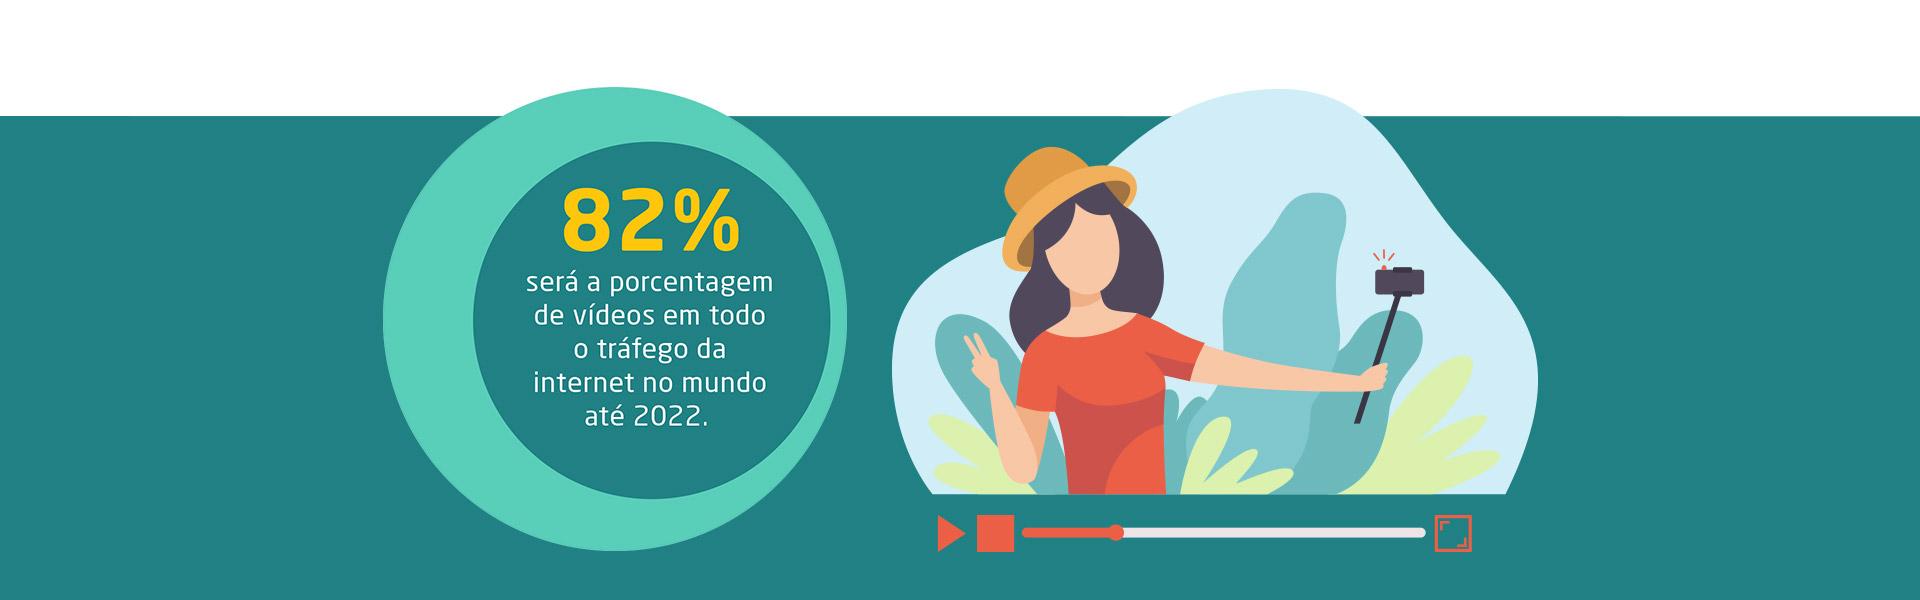 O uso de vídeos na internet